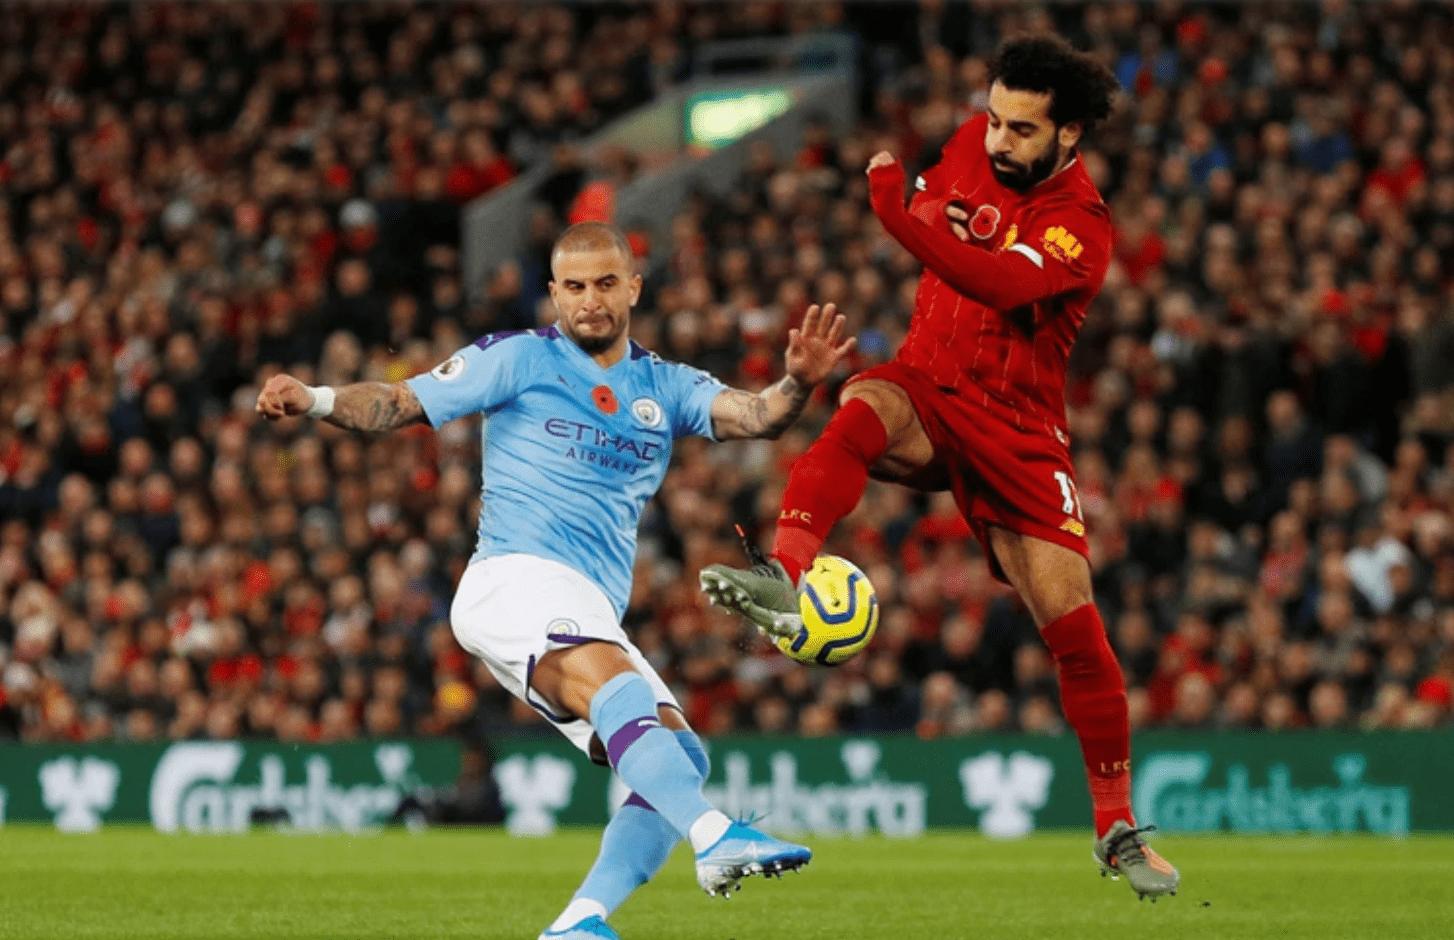 Liverpool goleó al Manchester City y afianzó su liderato en la Premier League.